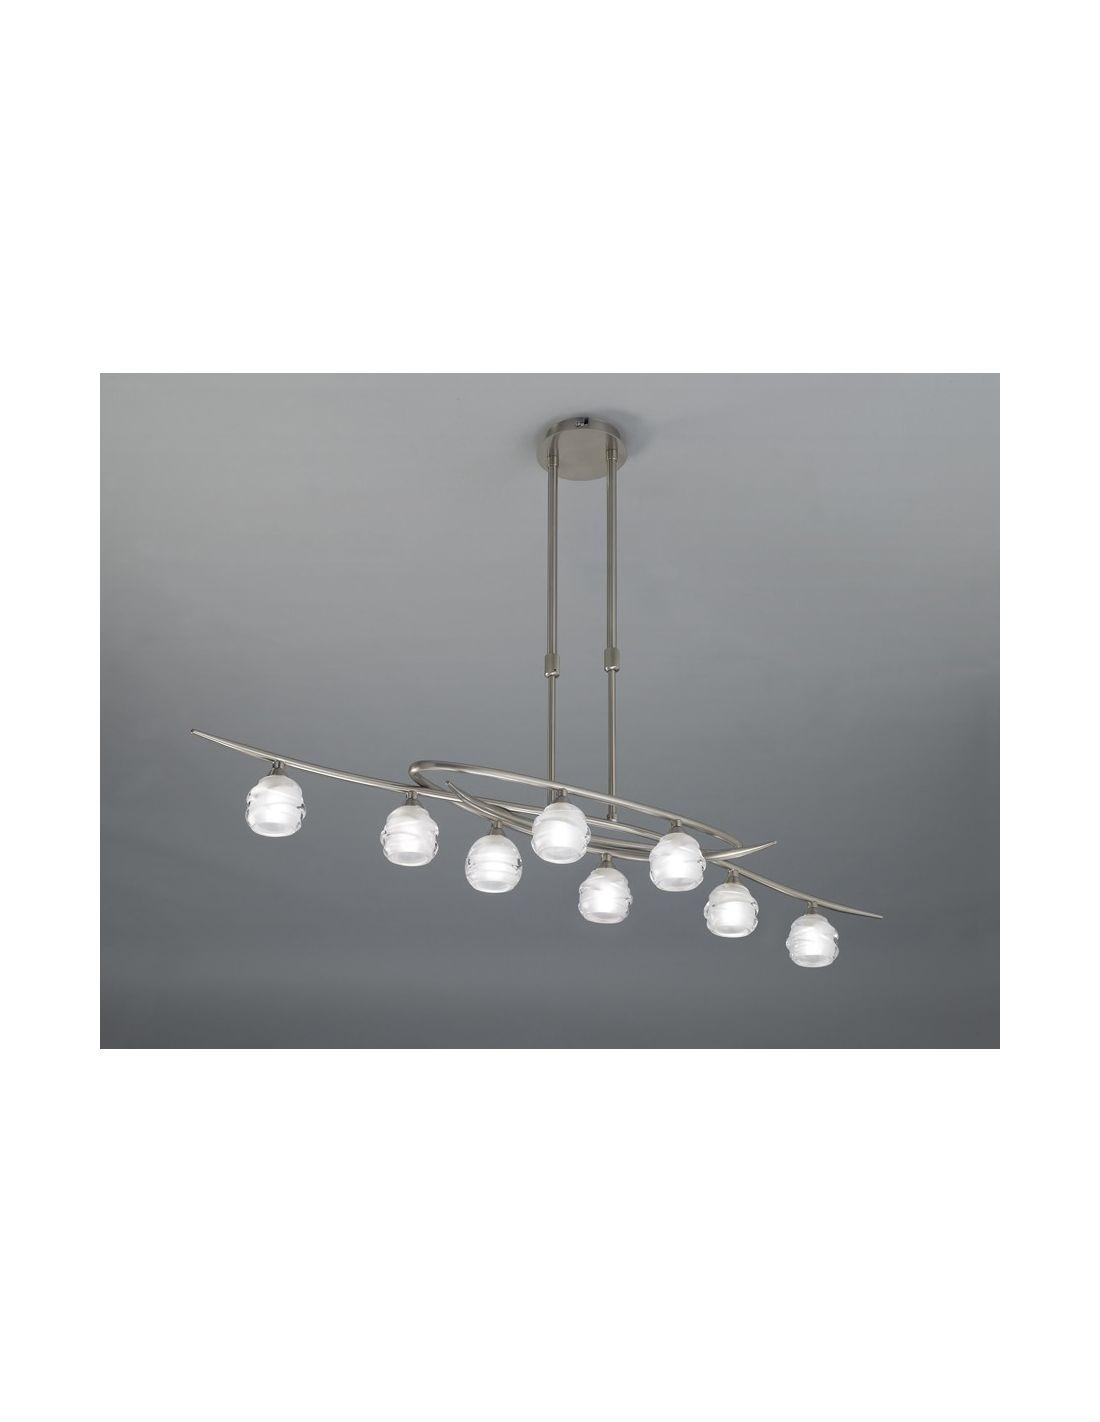 Lamparas online lamparas baratas lamparas baratas online for Lampara techo comedor